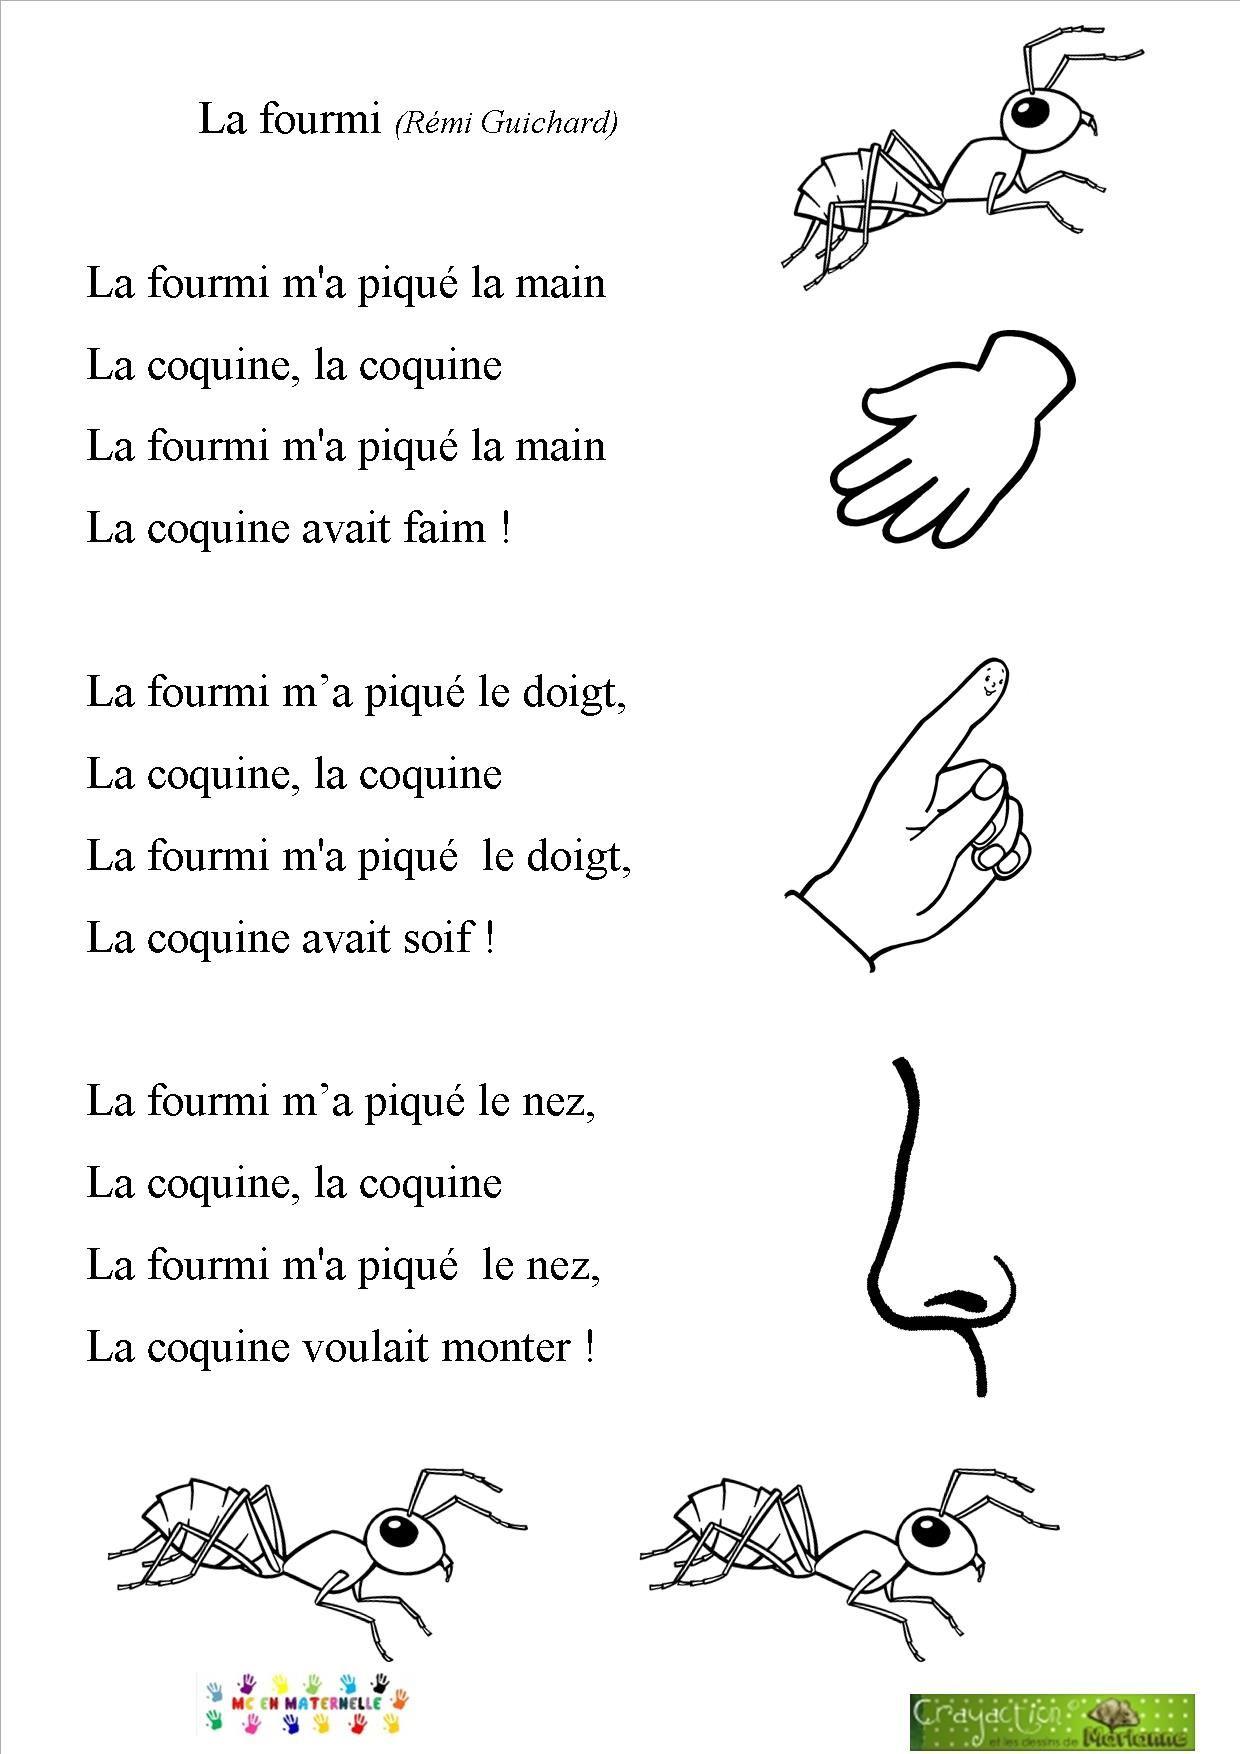 Chansons/comptines – Page 2 – Mc En Maternelle | Chansons concernant Chanson Pour Les Animaux